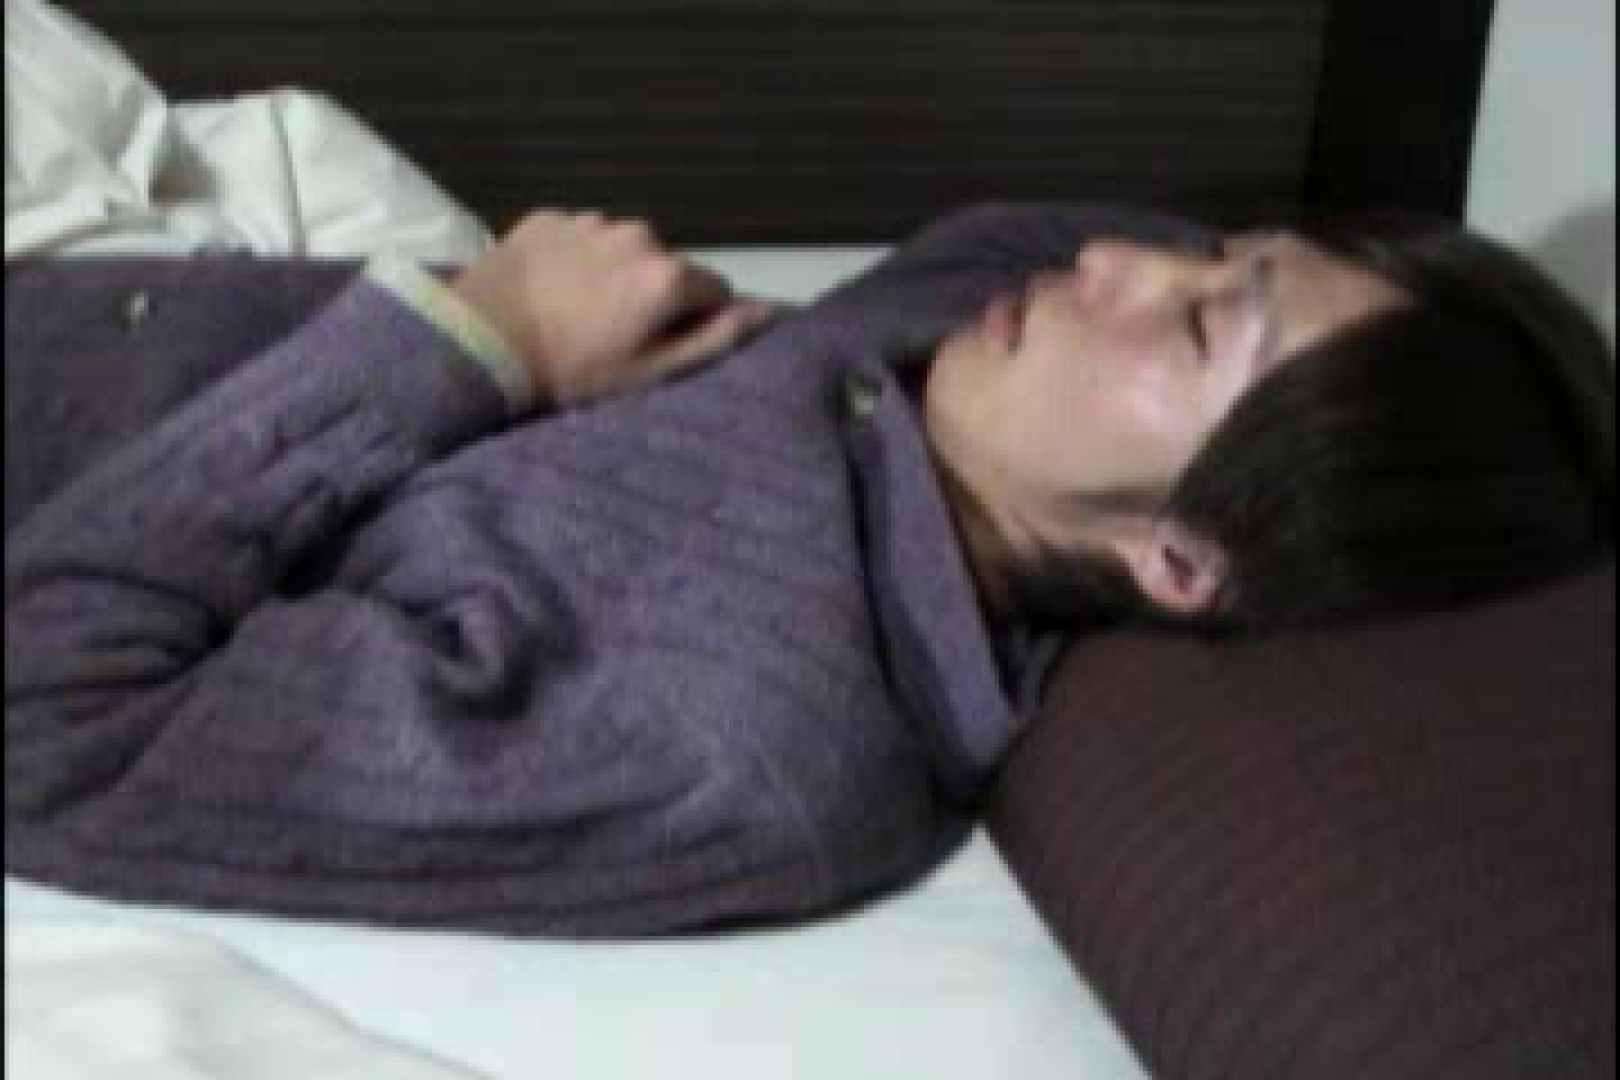 【個人買取】彼は夢の中、俺が潜入激撮!! 射精天国   手コキ GAY無修正エロ動画 104pic 31